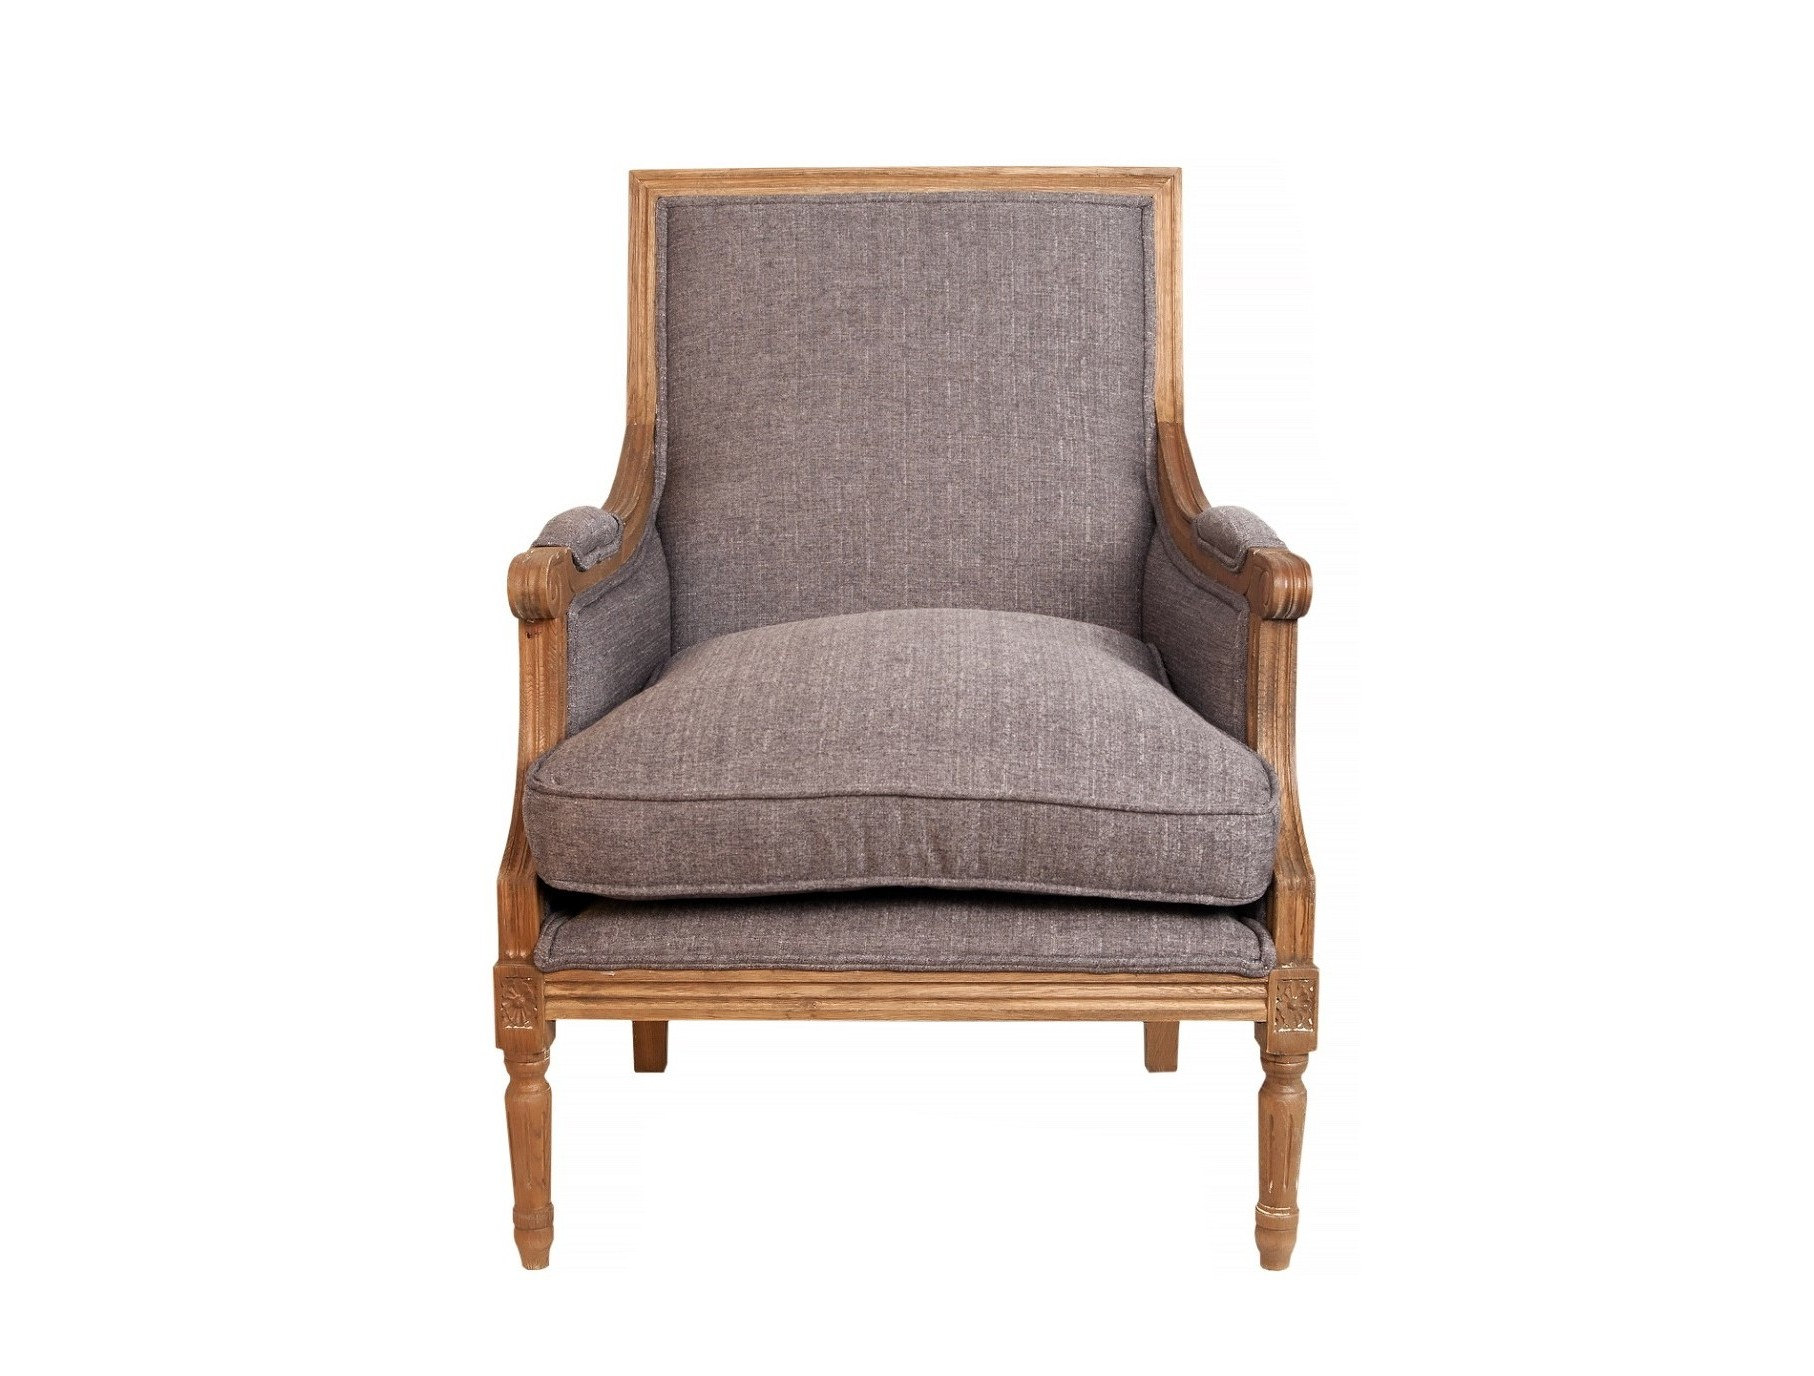 Кресло Coolman greyИнтерьерные кресла<br>Сдержанное и элегантное кресло Coolman grey это удобная стильная модель на прочном каркасе из массива дерева. Эта модель станет удачным дополнением гостиной, столовой или спальни, оформленной в классическом стиле.&amp;amp;nbsp;<br><br>Material: Лен<br>Width см: 68<br>Depth см: 67<br>Height см: 95